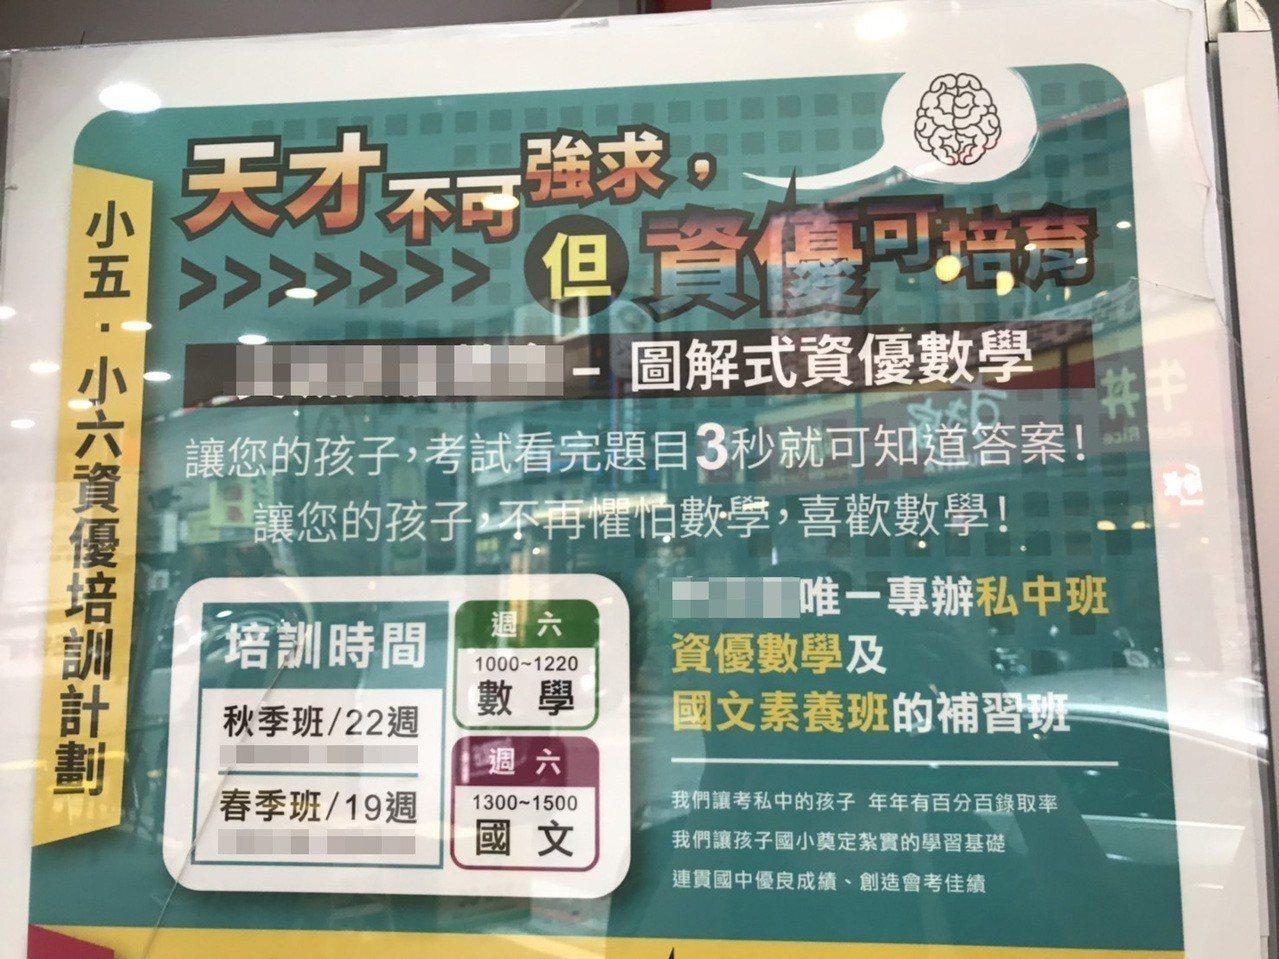 今年9月「素養導向」的12年國教課綱正式上路。面對台灣教育史上重大的變革,補教業...